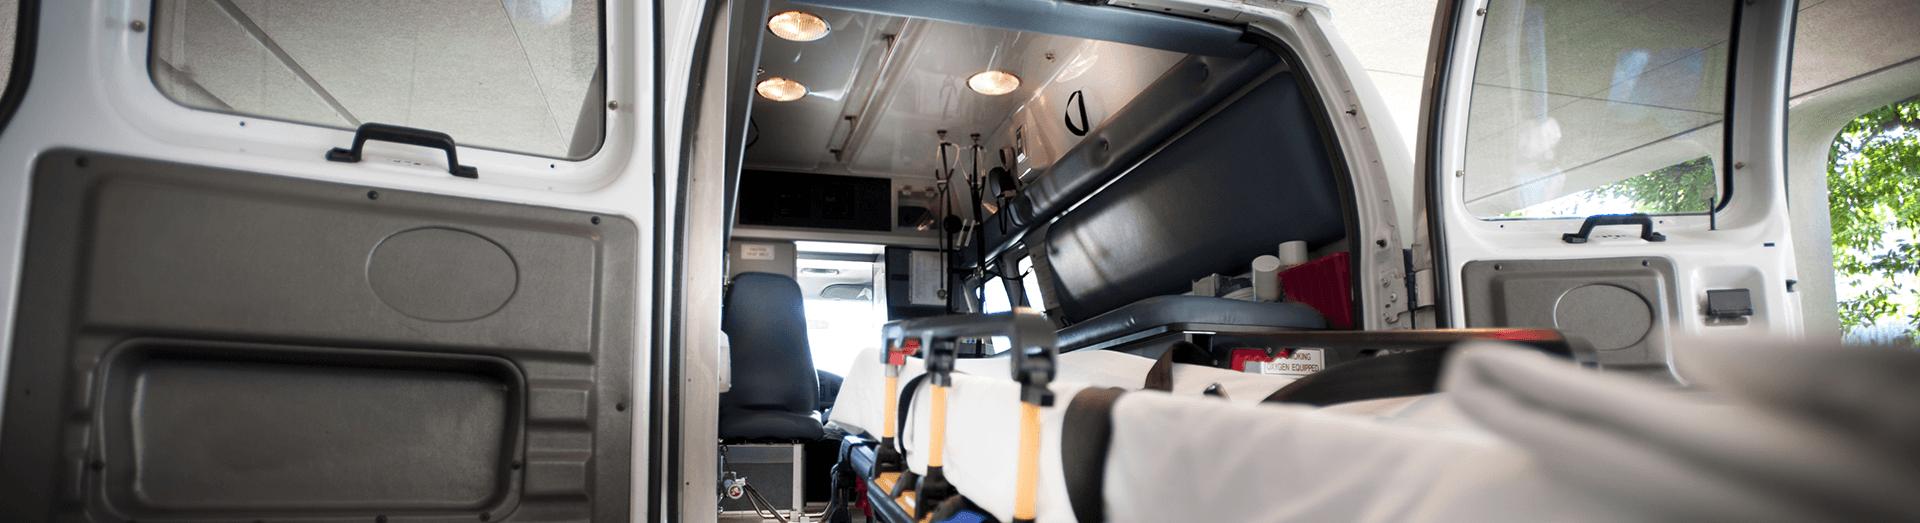 una barella che entra in un ambulanza